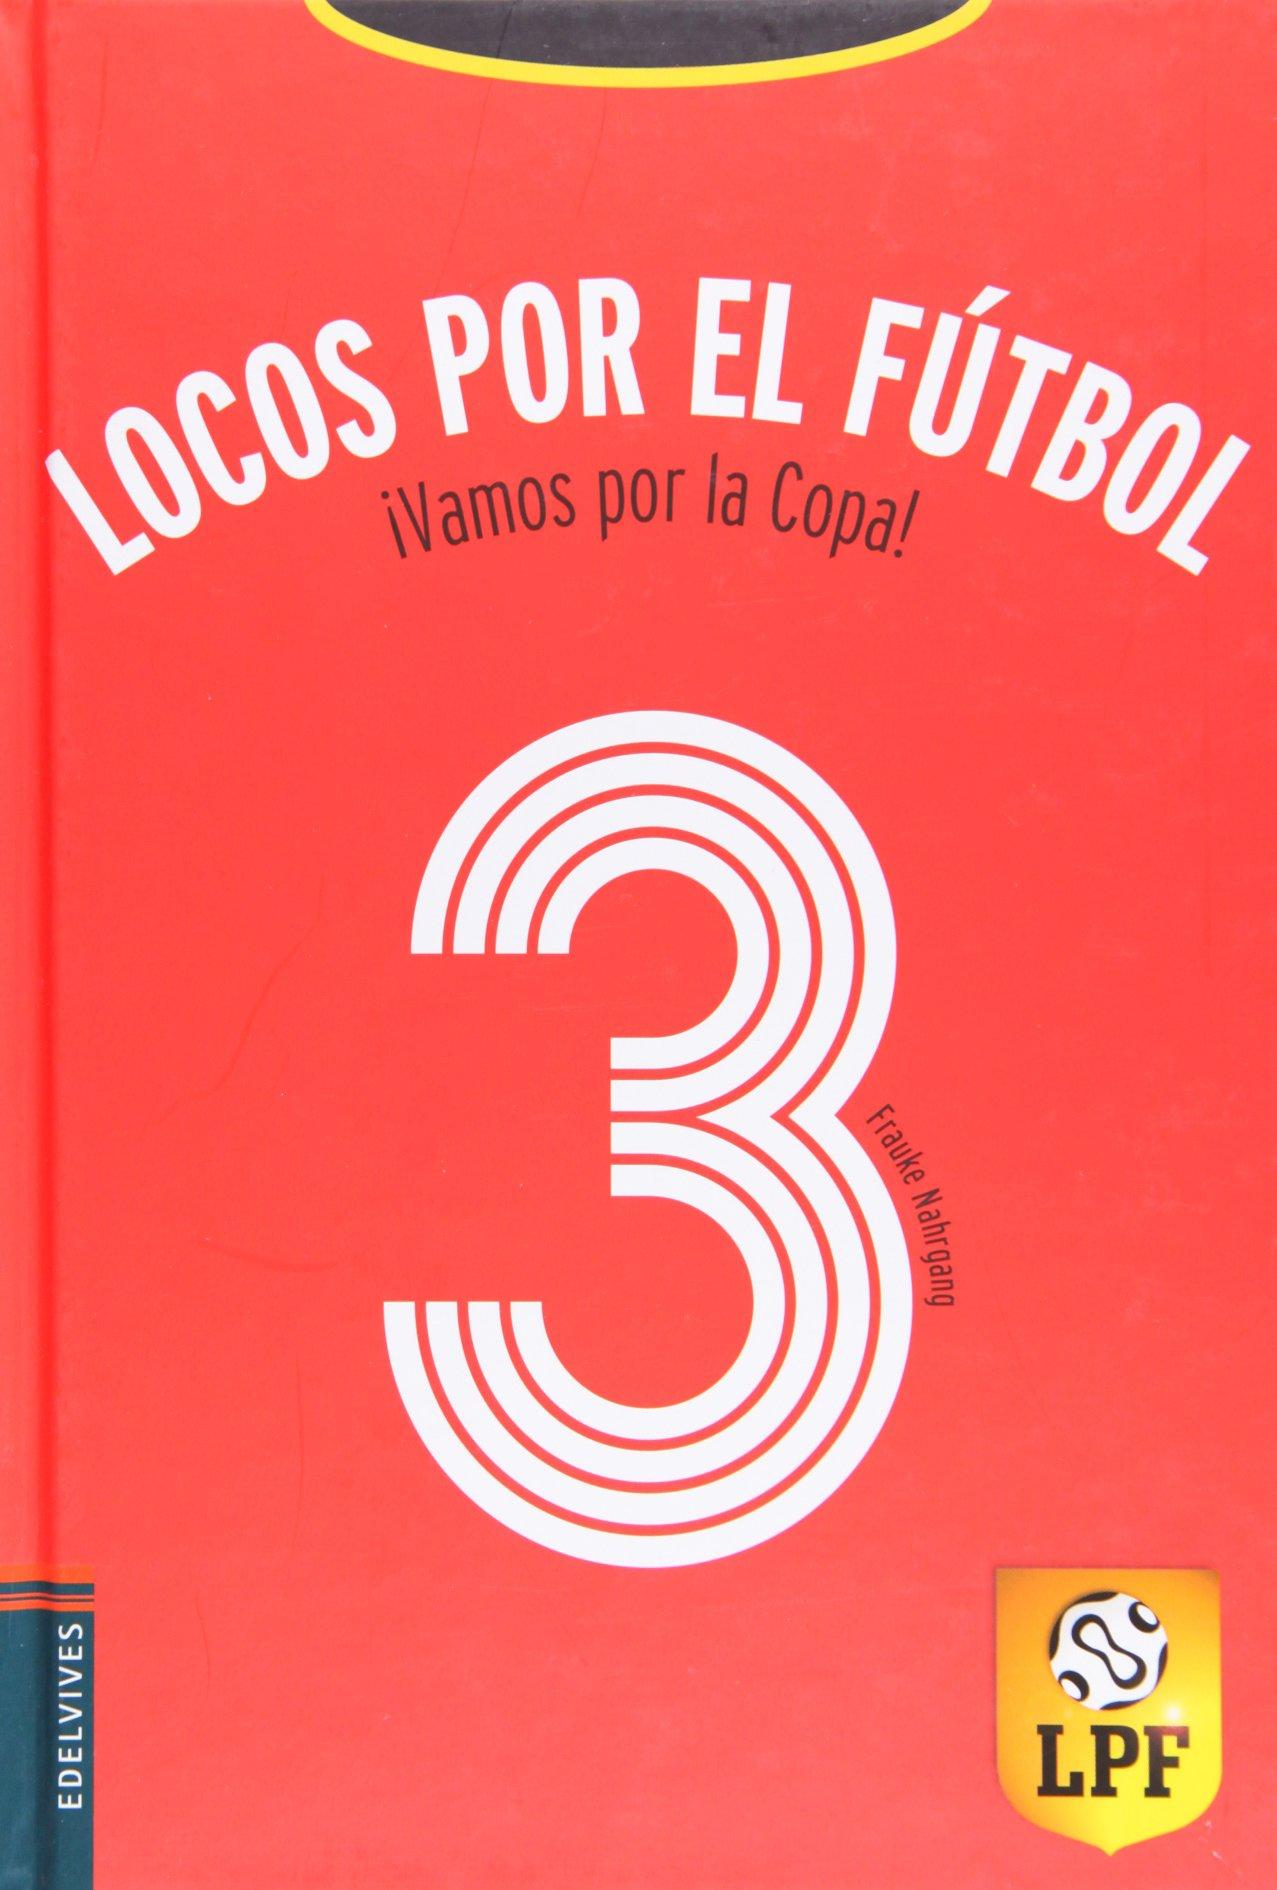 Download Vamos por la copa! (Locos por el futbol, # 3) (Spanish Edition) pdf epub